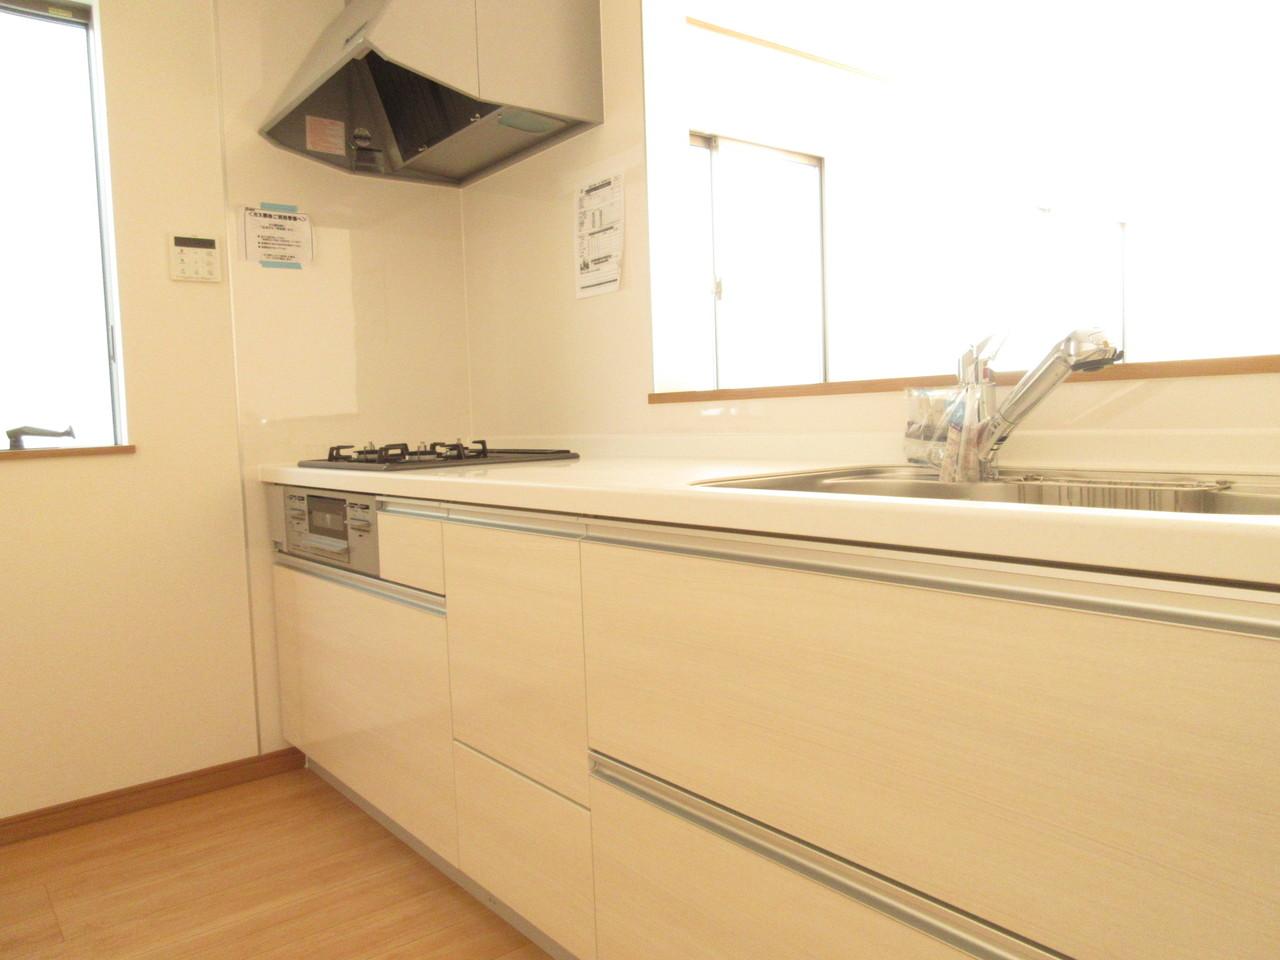 明るく清潔感のあるキッチン。コンロは3口ございますのでお料理の時短に繋がります◎